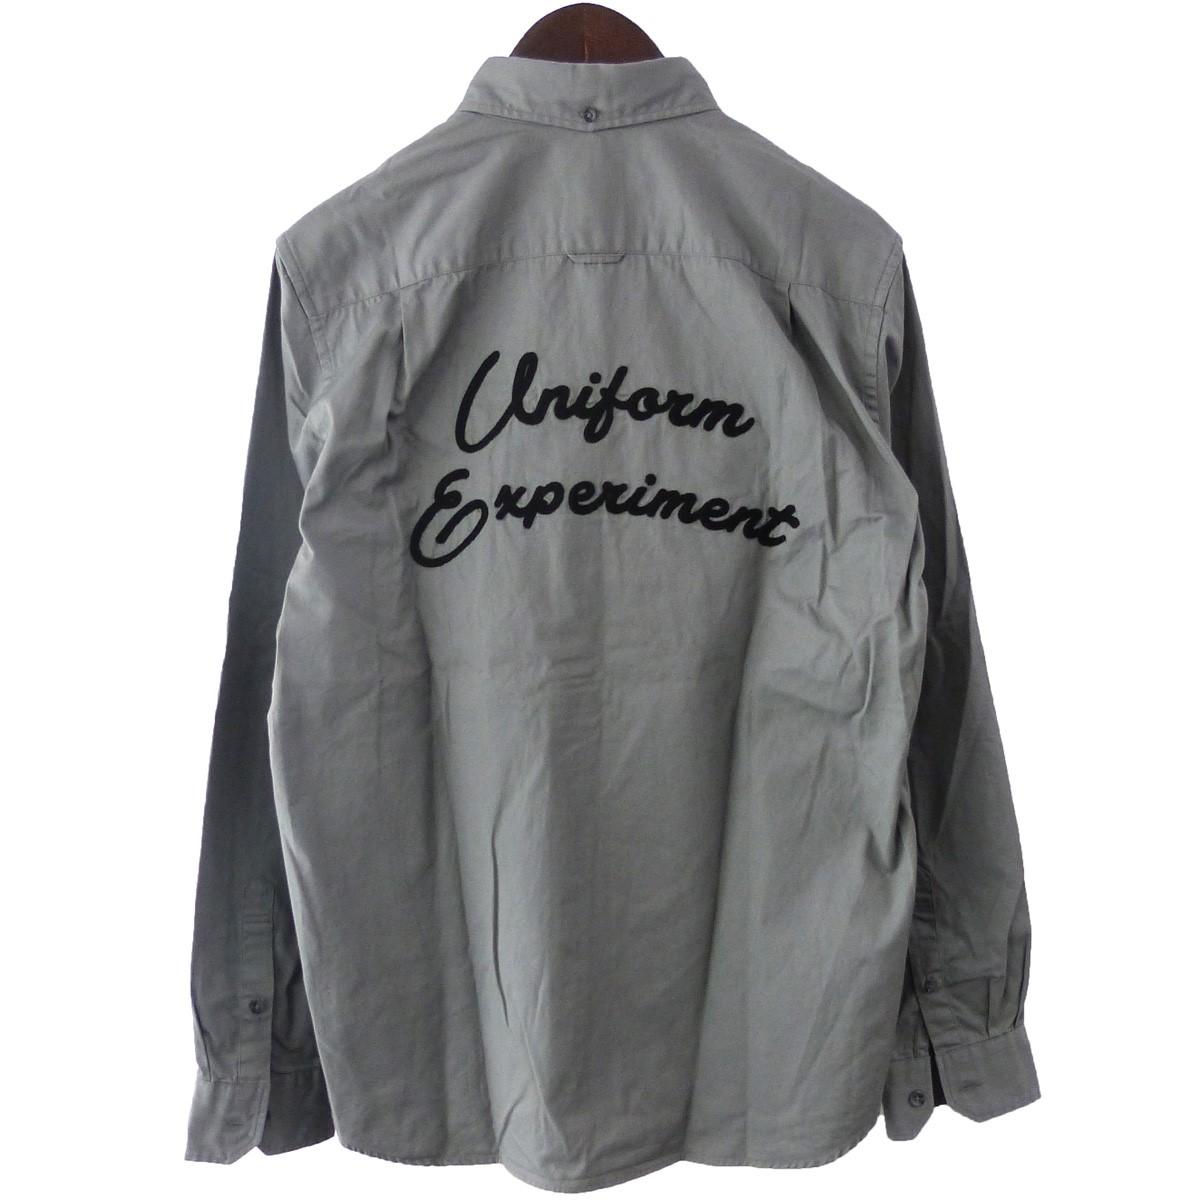 【中古】uniform expeliment 19AW「GABARDINE EMBROIDERY LOGO BD SHIRT」ボタンダウンシャツ グレー サイズ:2 【020420】(ユニフォームエクスペリメント)